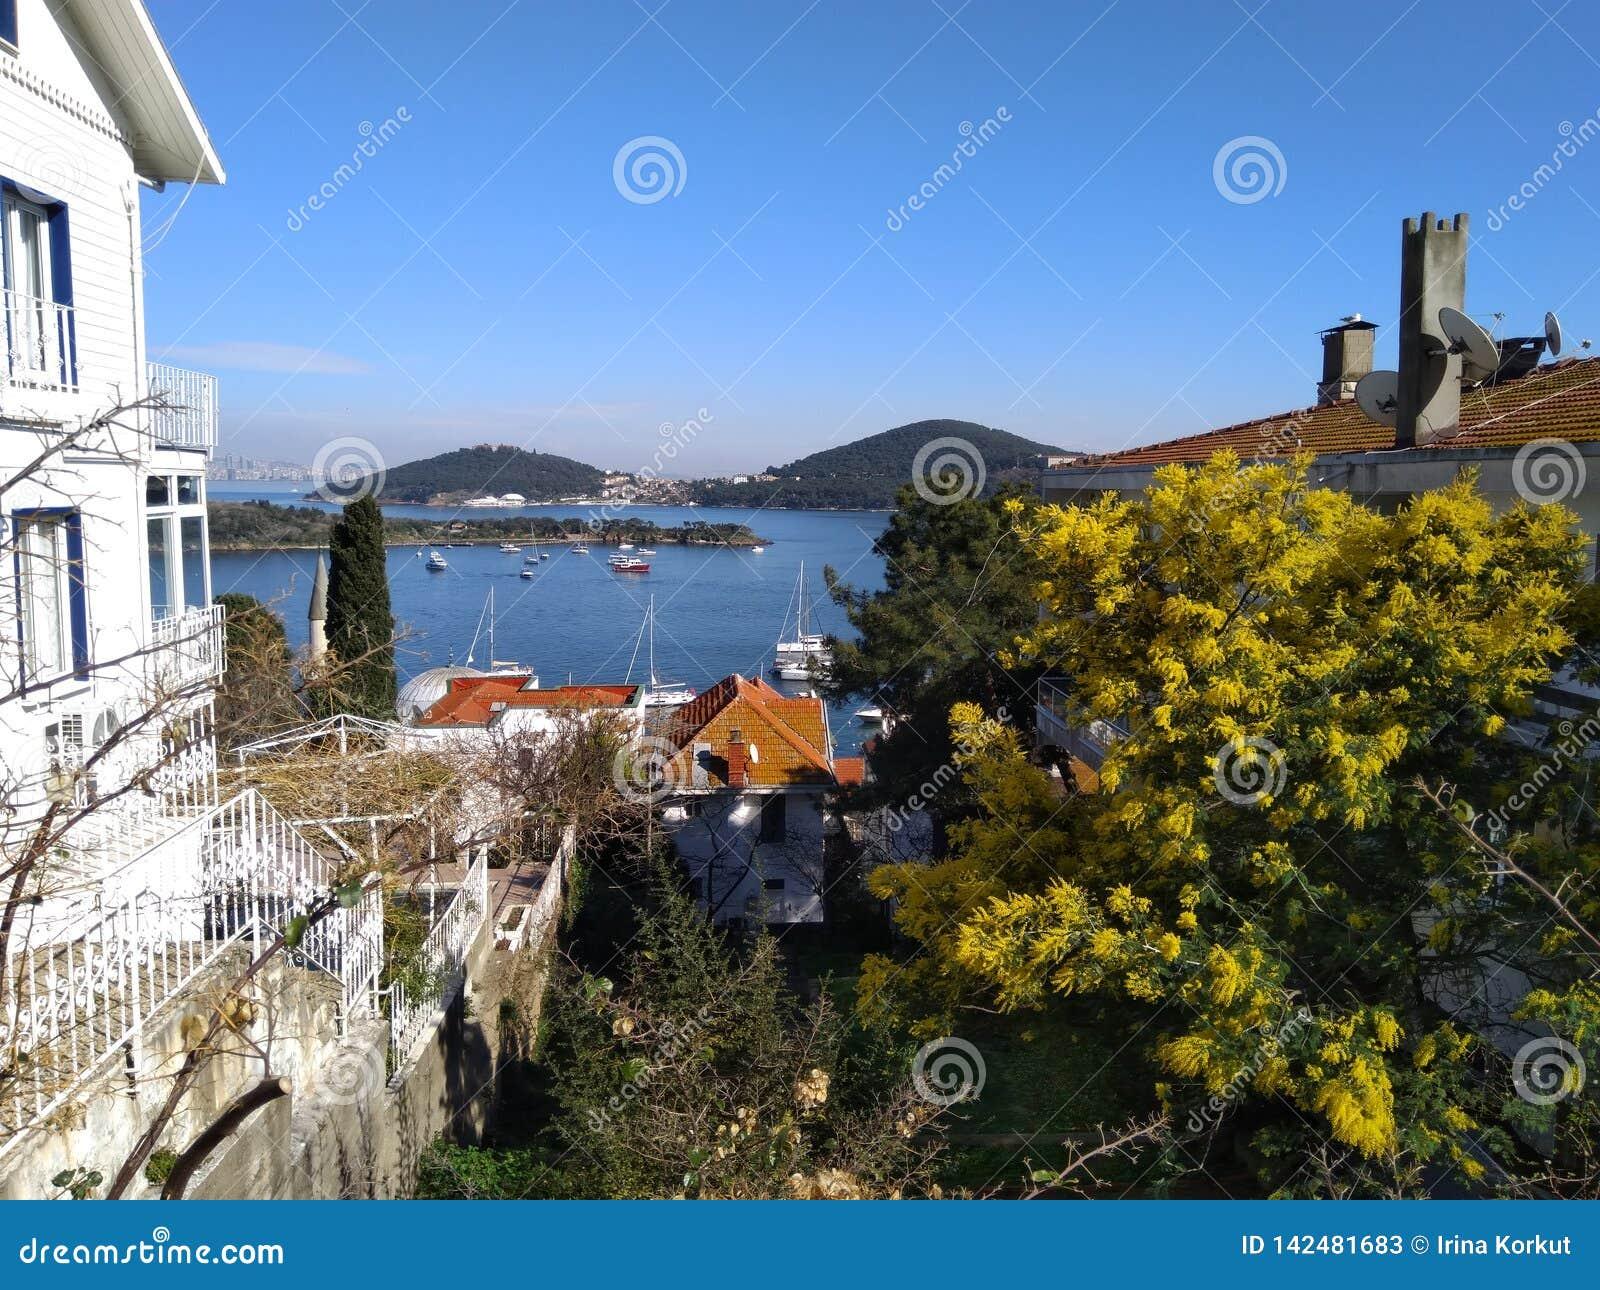 Τέλειος λόφος άποψης διακοπών στη θάλασσα, το νησί και τα ανθίζοντας δέντρα